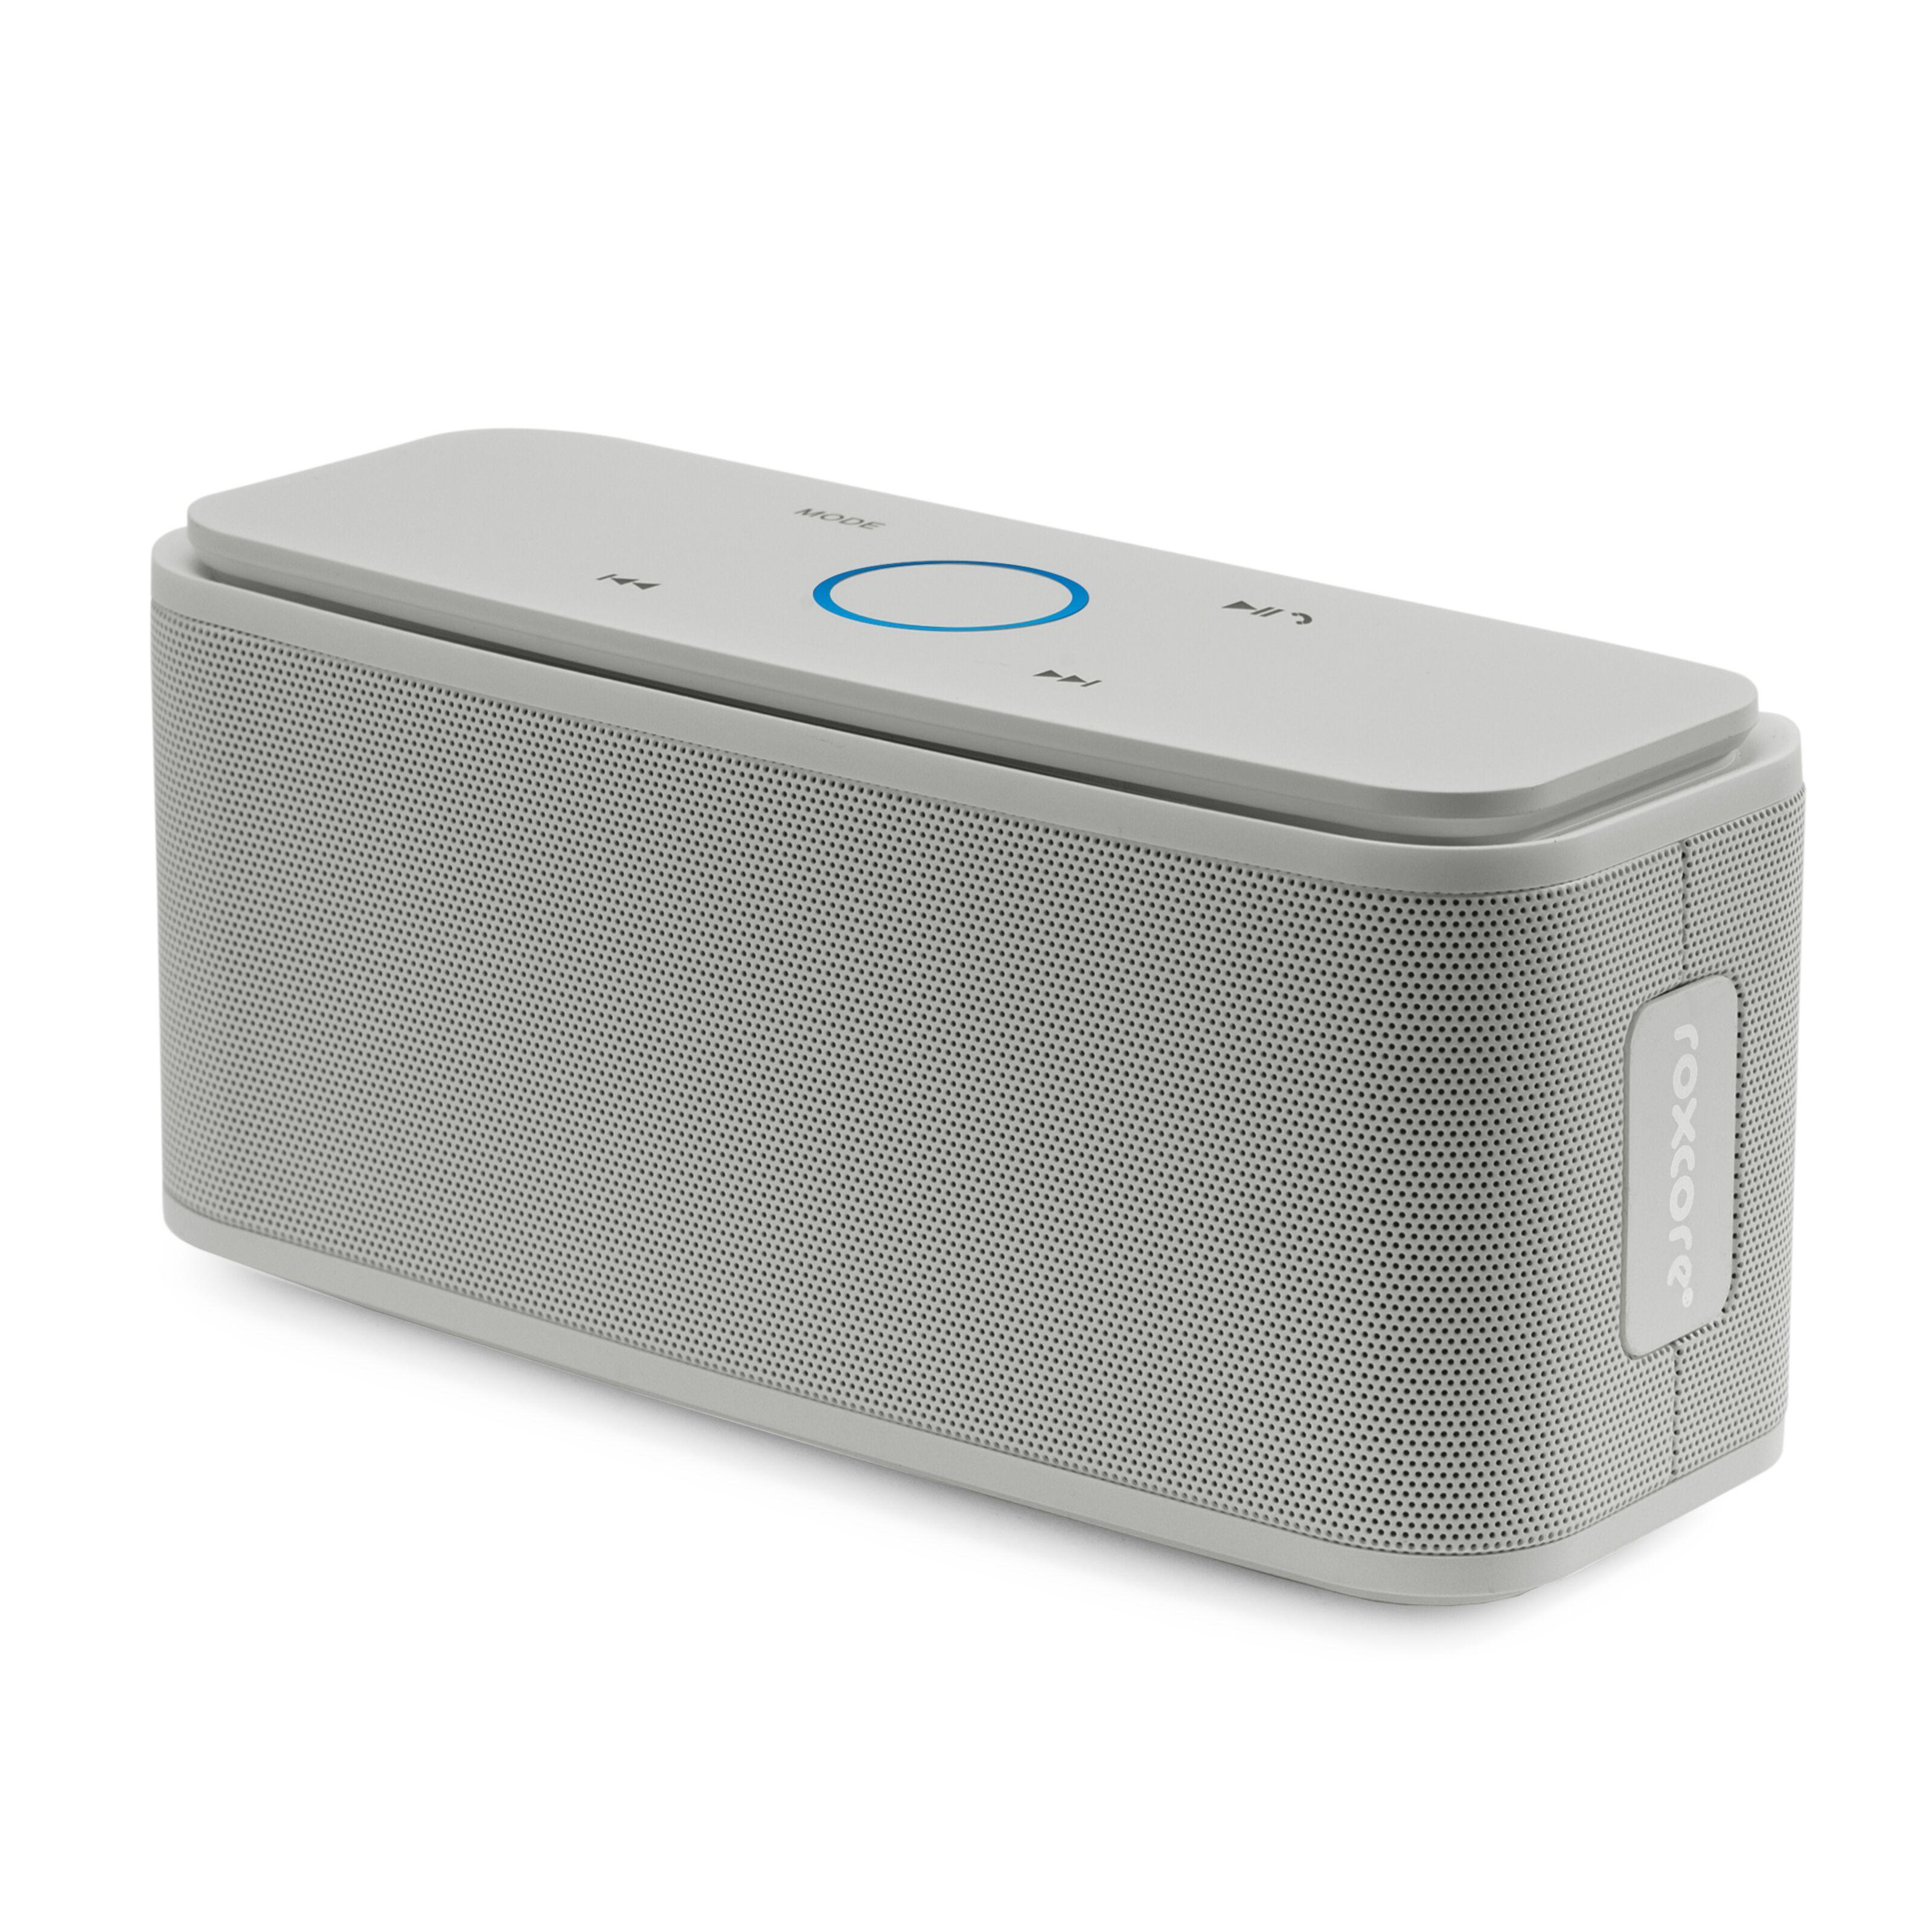 Roxcore Halo Portabel Bluetooth høyttaler Bærbar høyttaler